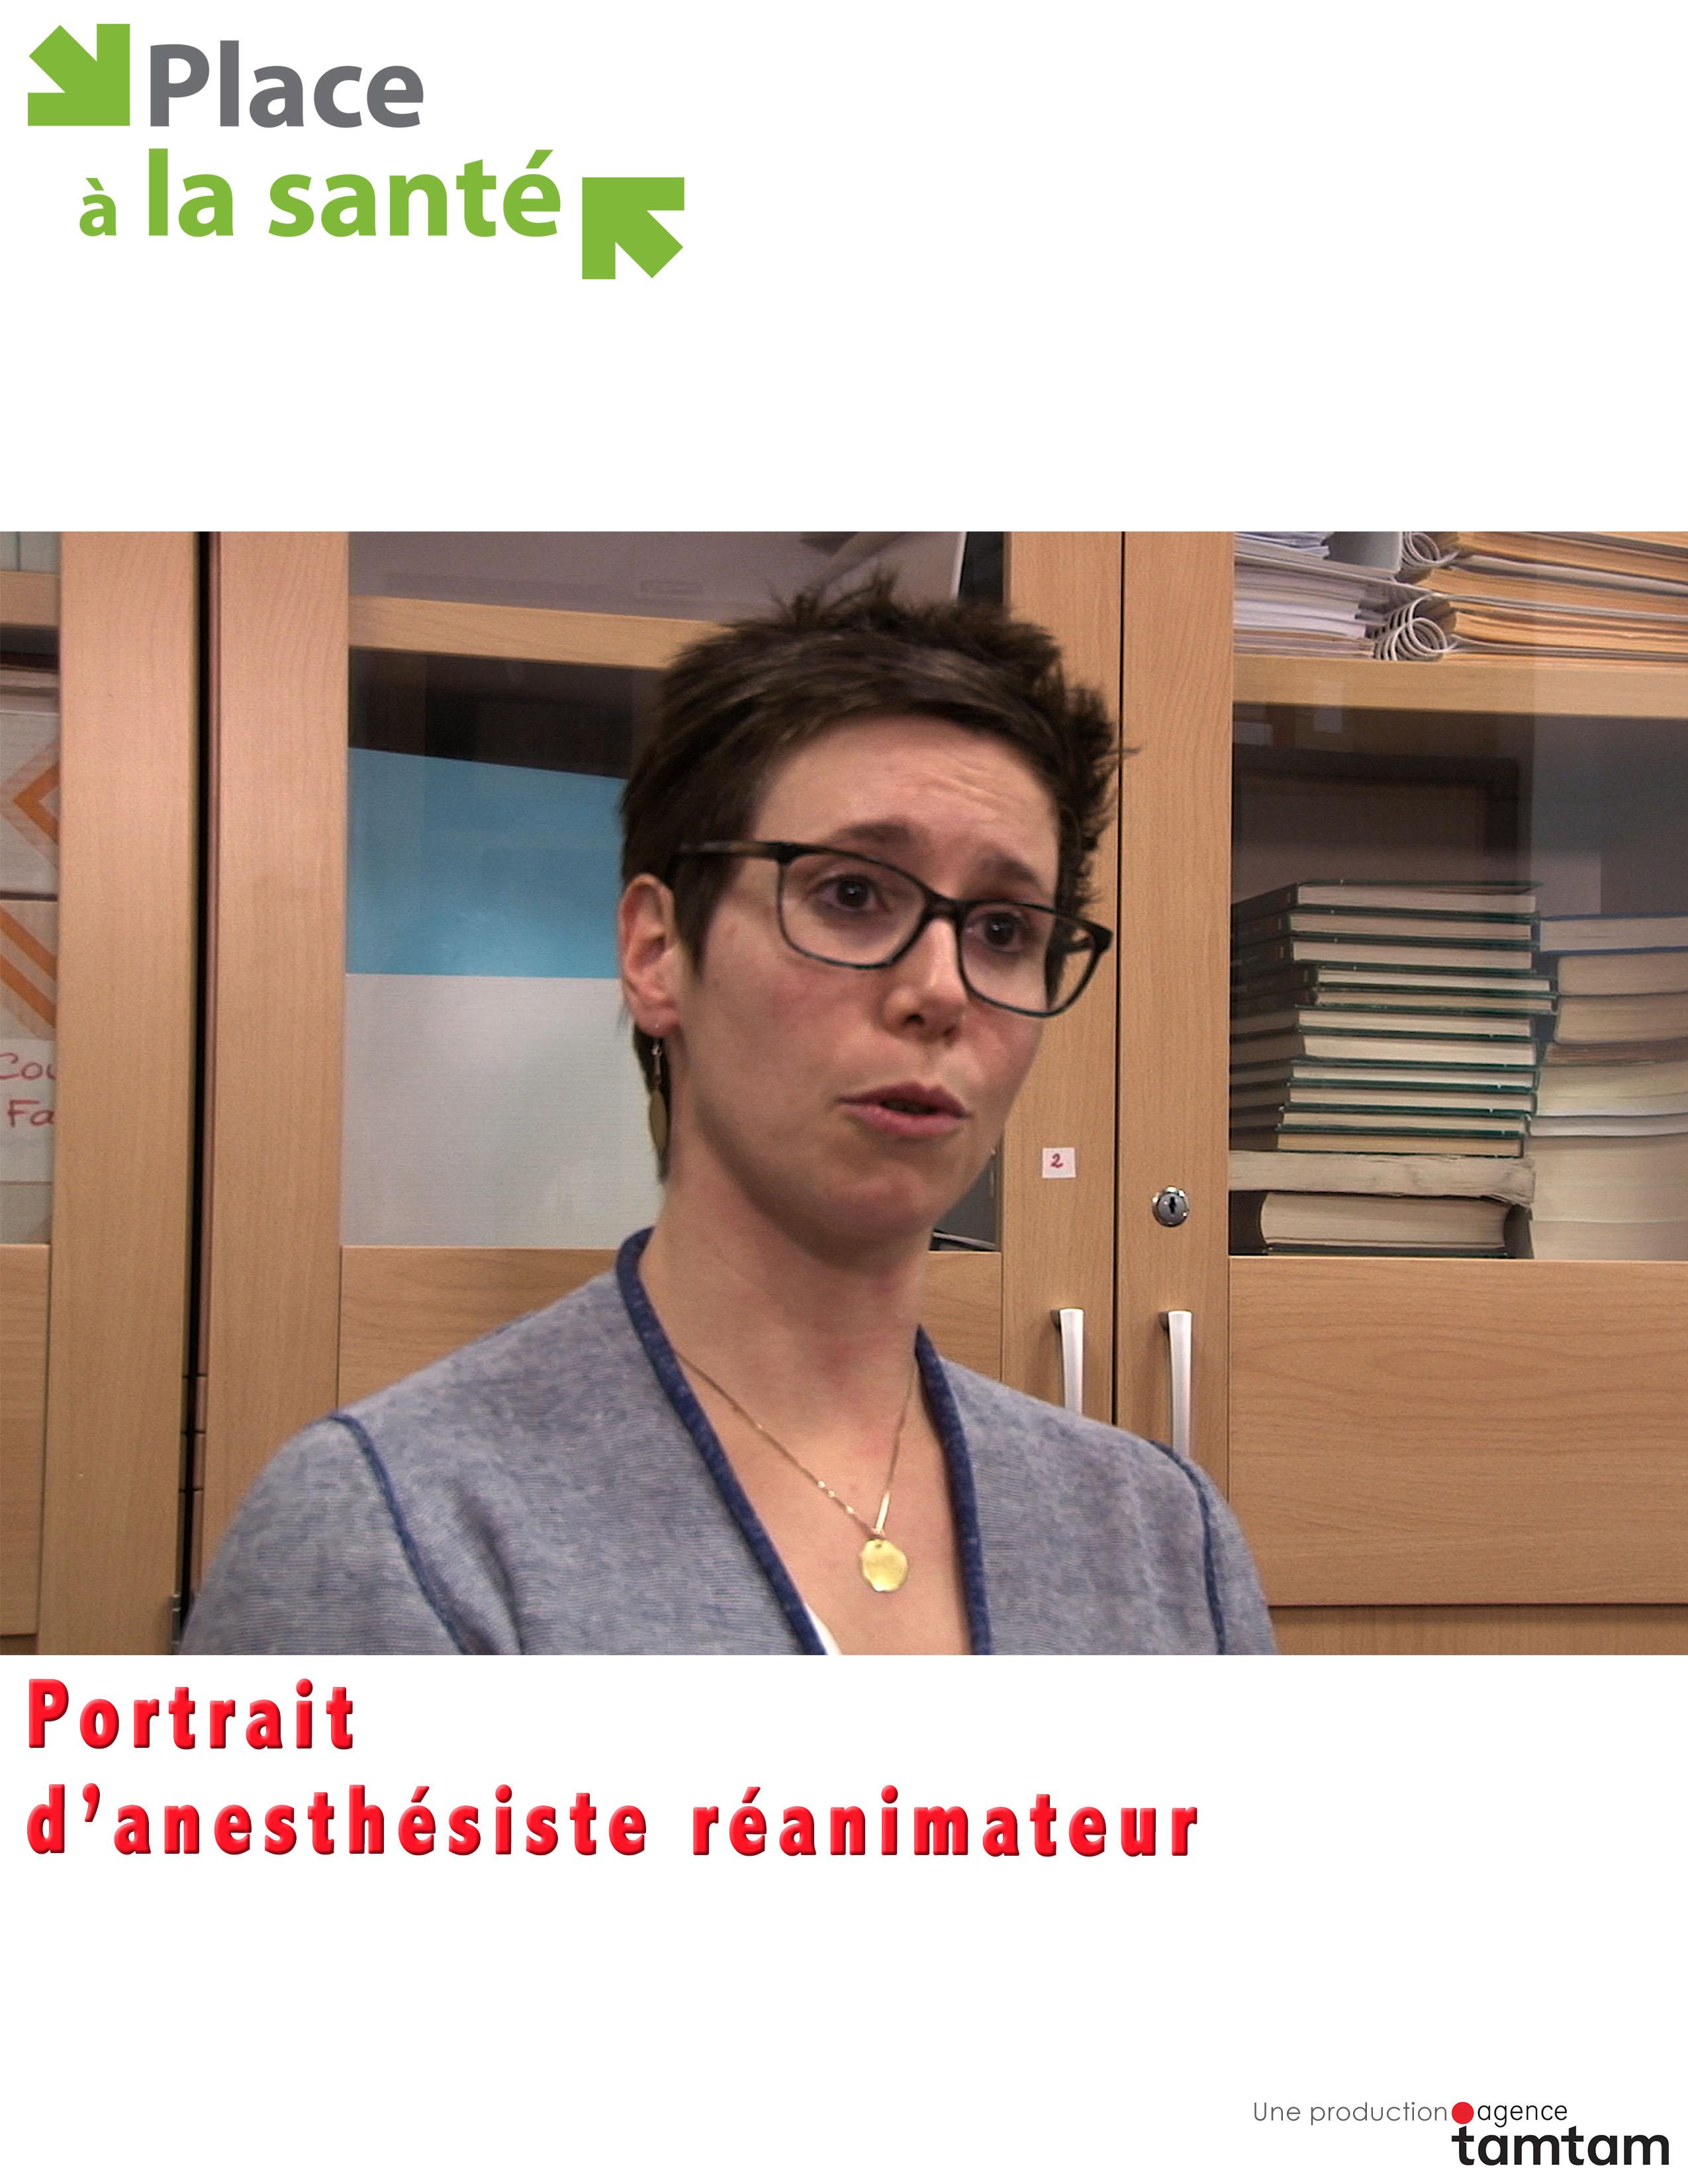 Portrait d'une femme anesthésiste-réanimateur